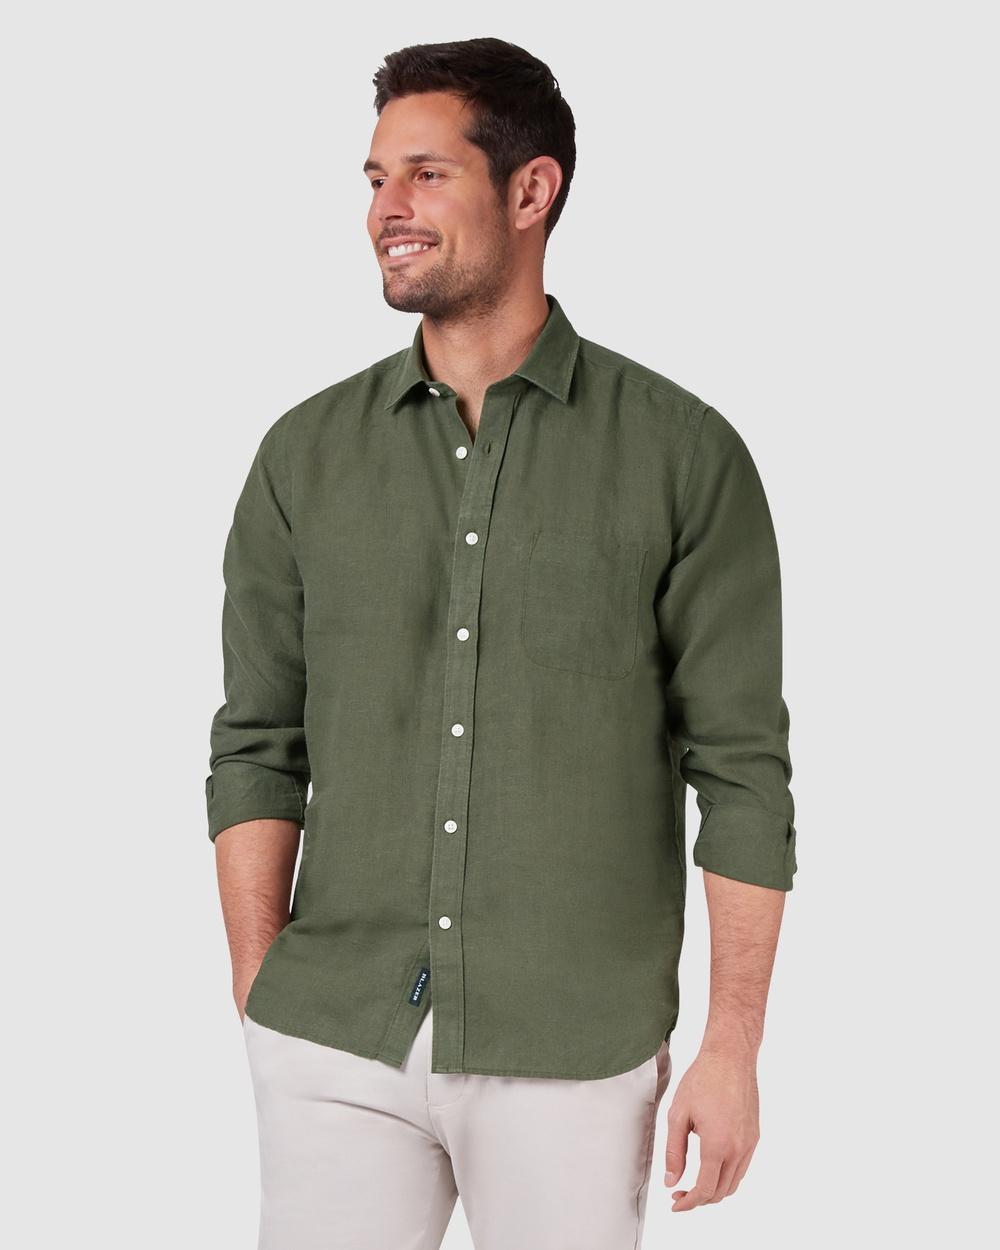 Blazer - Cooper Long Sleeve Linen Plain Shirt - Shirts & Polos (Green) Cooper Long Sleeve Linen Plain Shirt